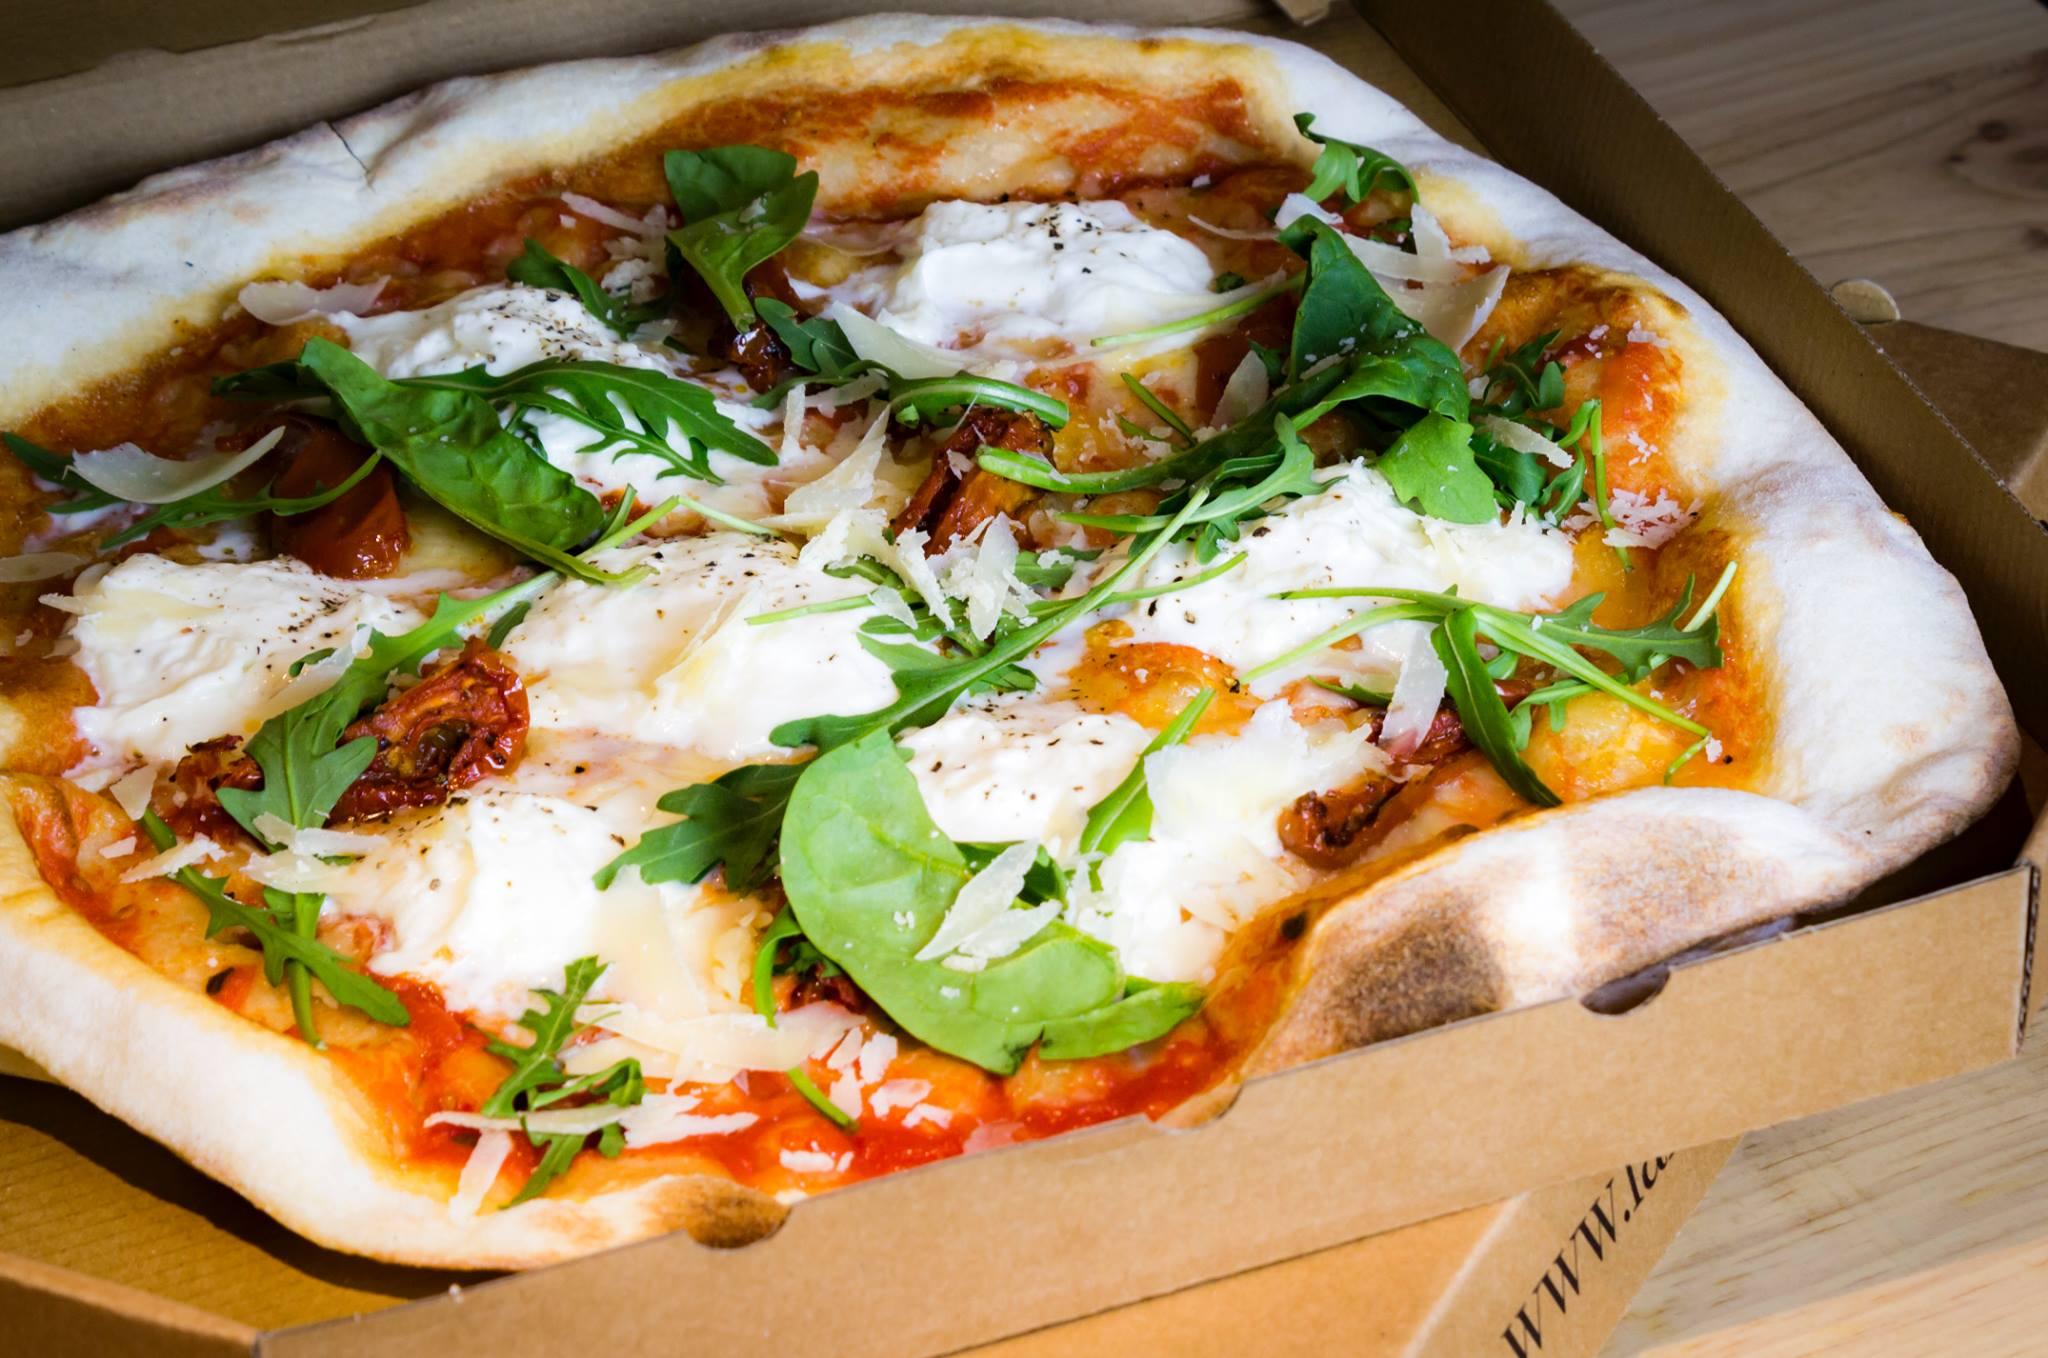 razones para comer una pizza - Cinco razones para comer pizza